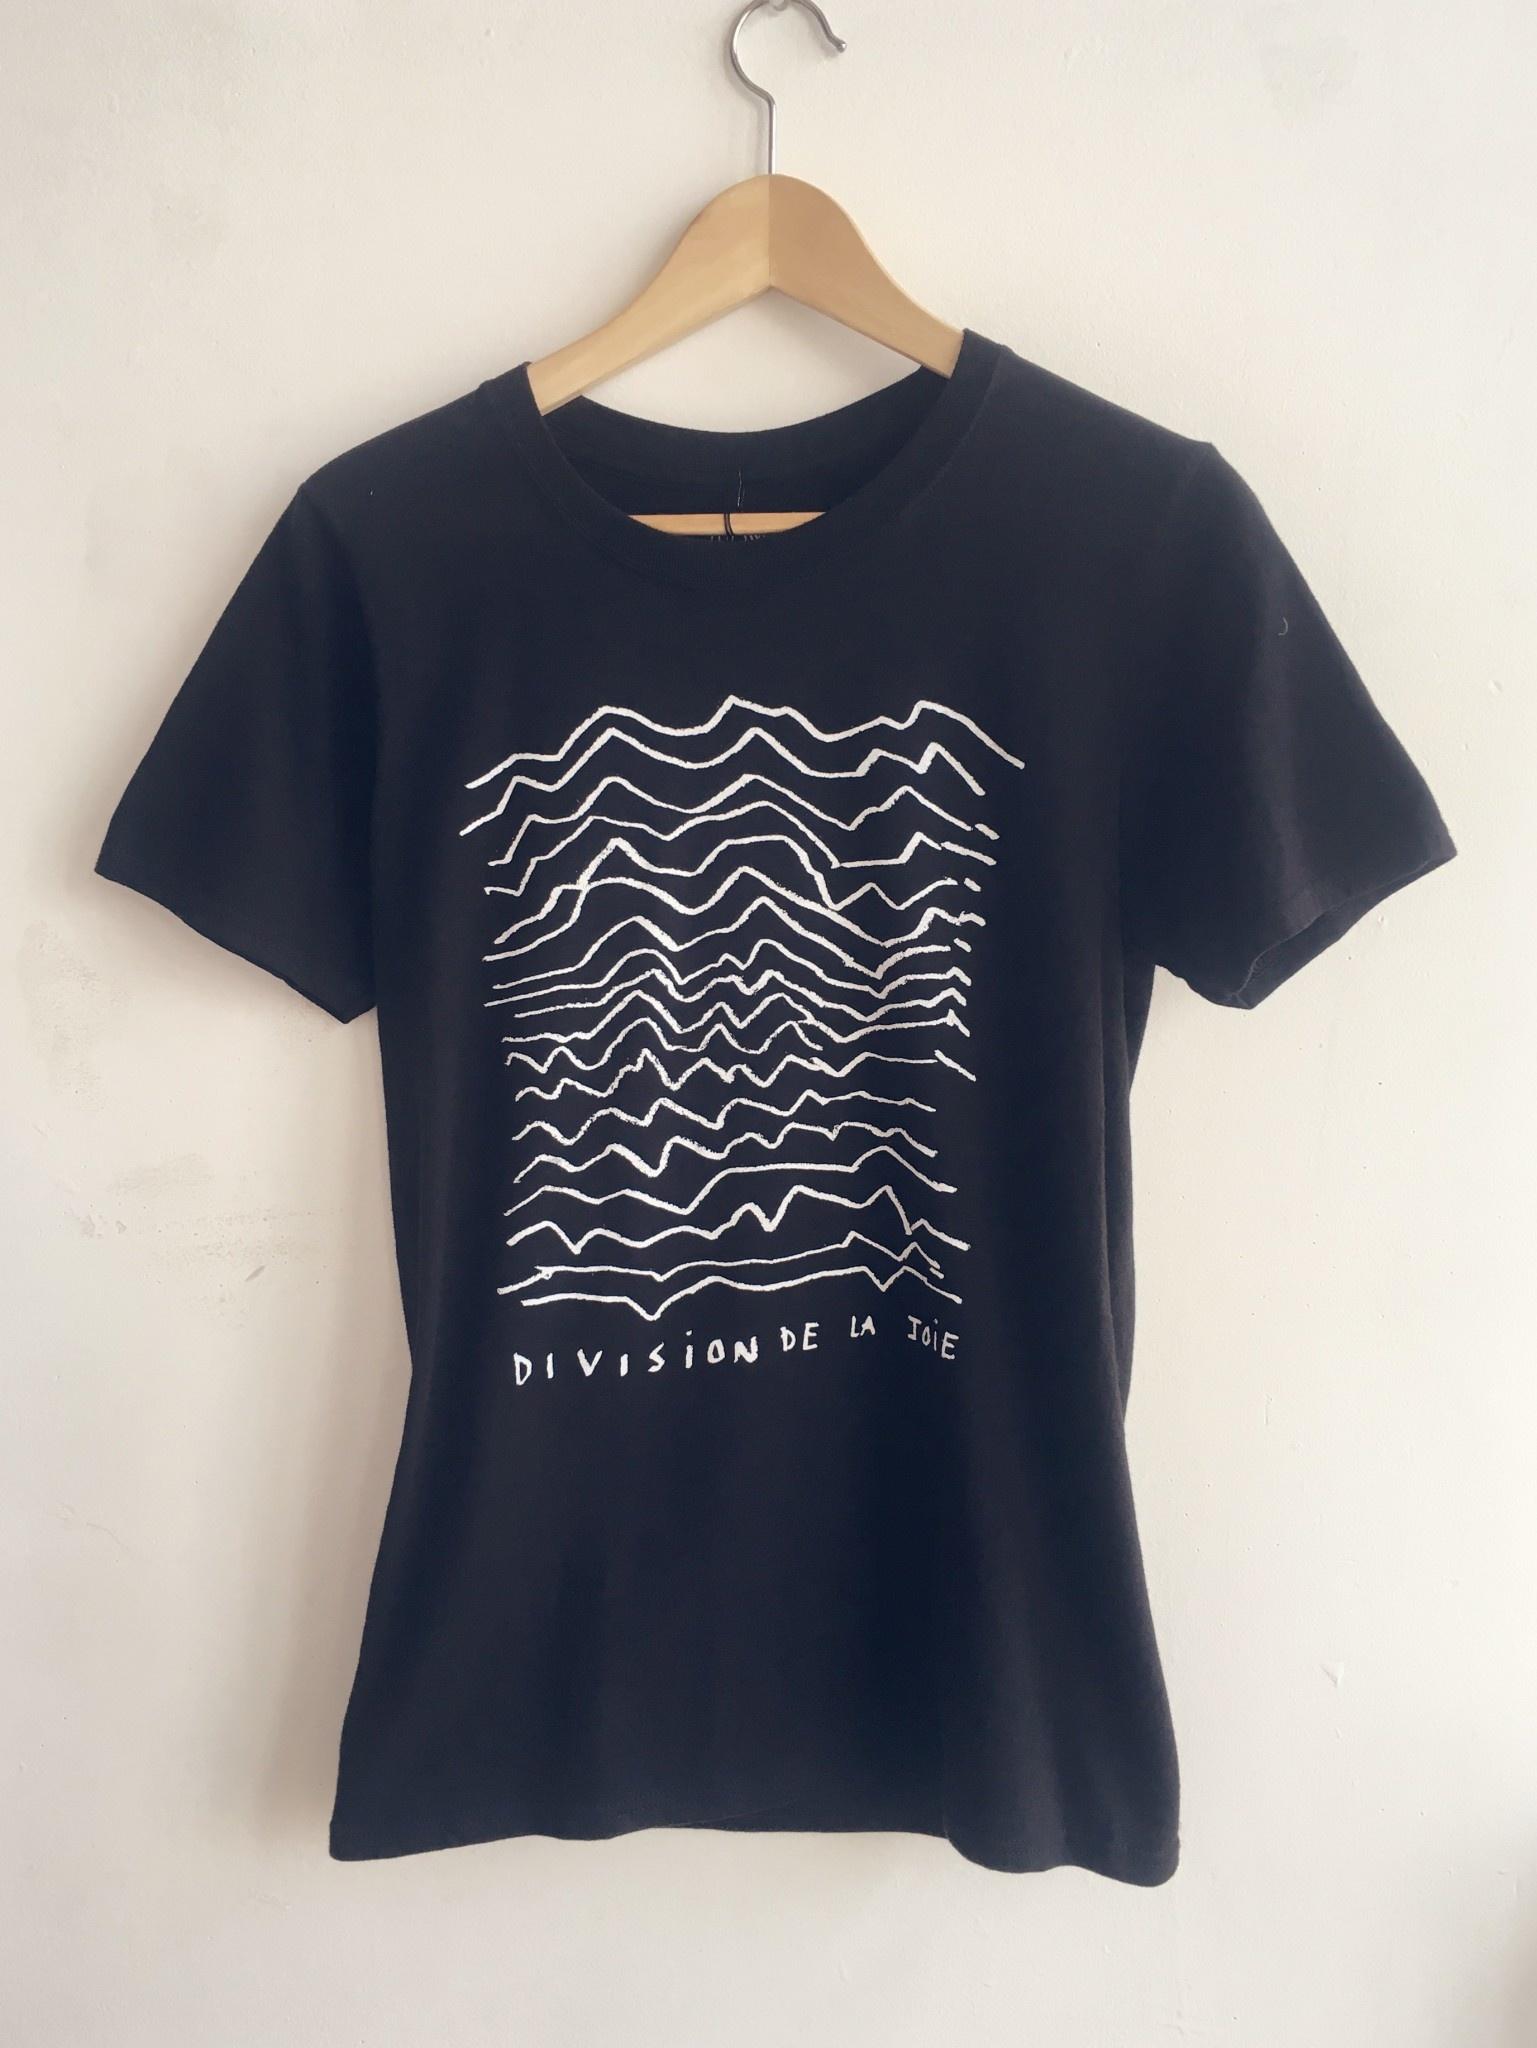 Les Roches Qui Roulent T-shirt Division De La Joie